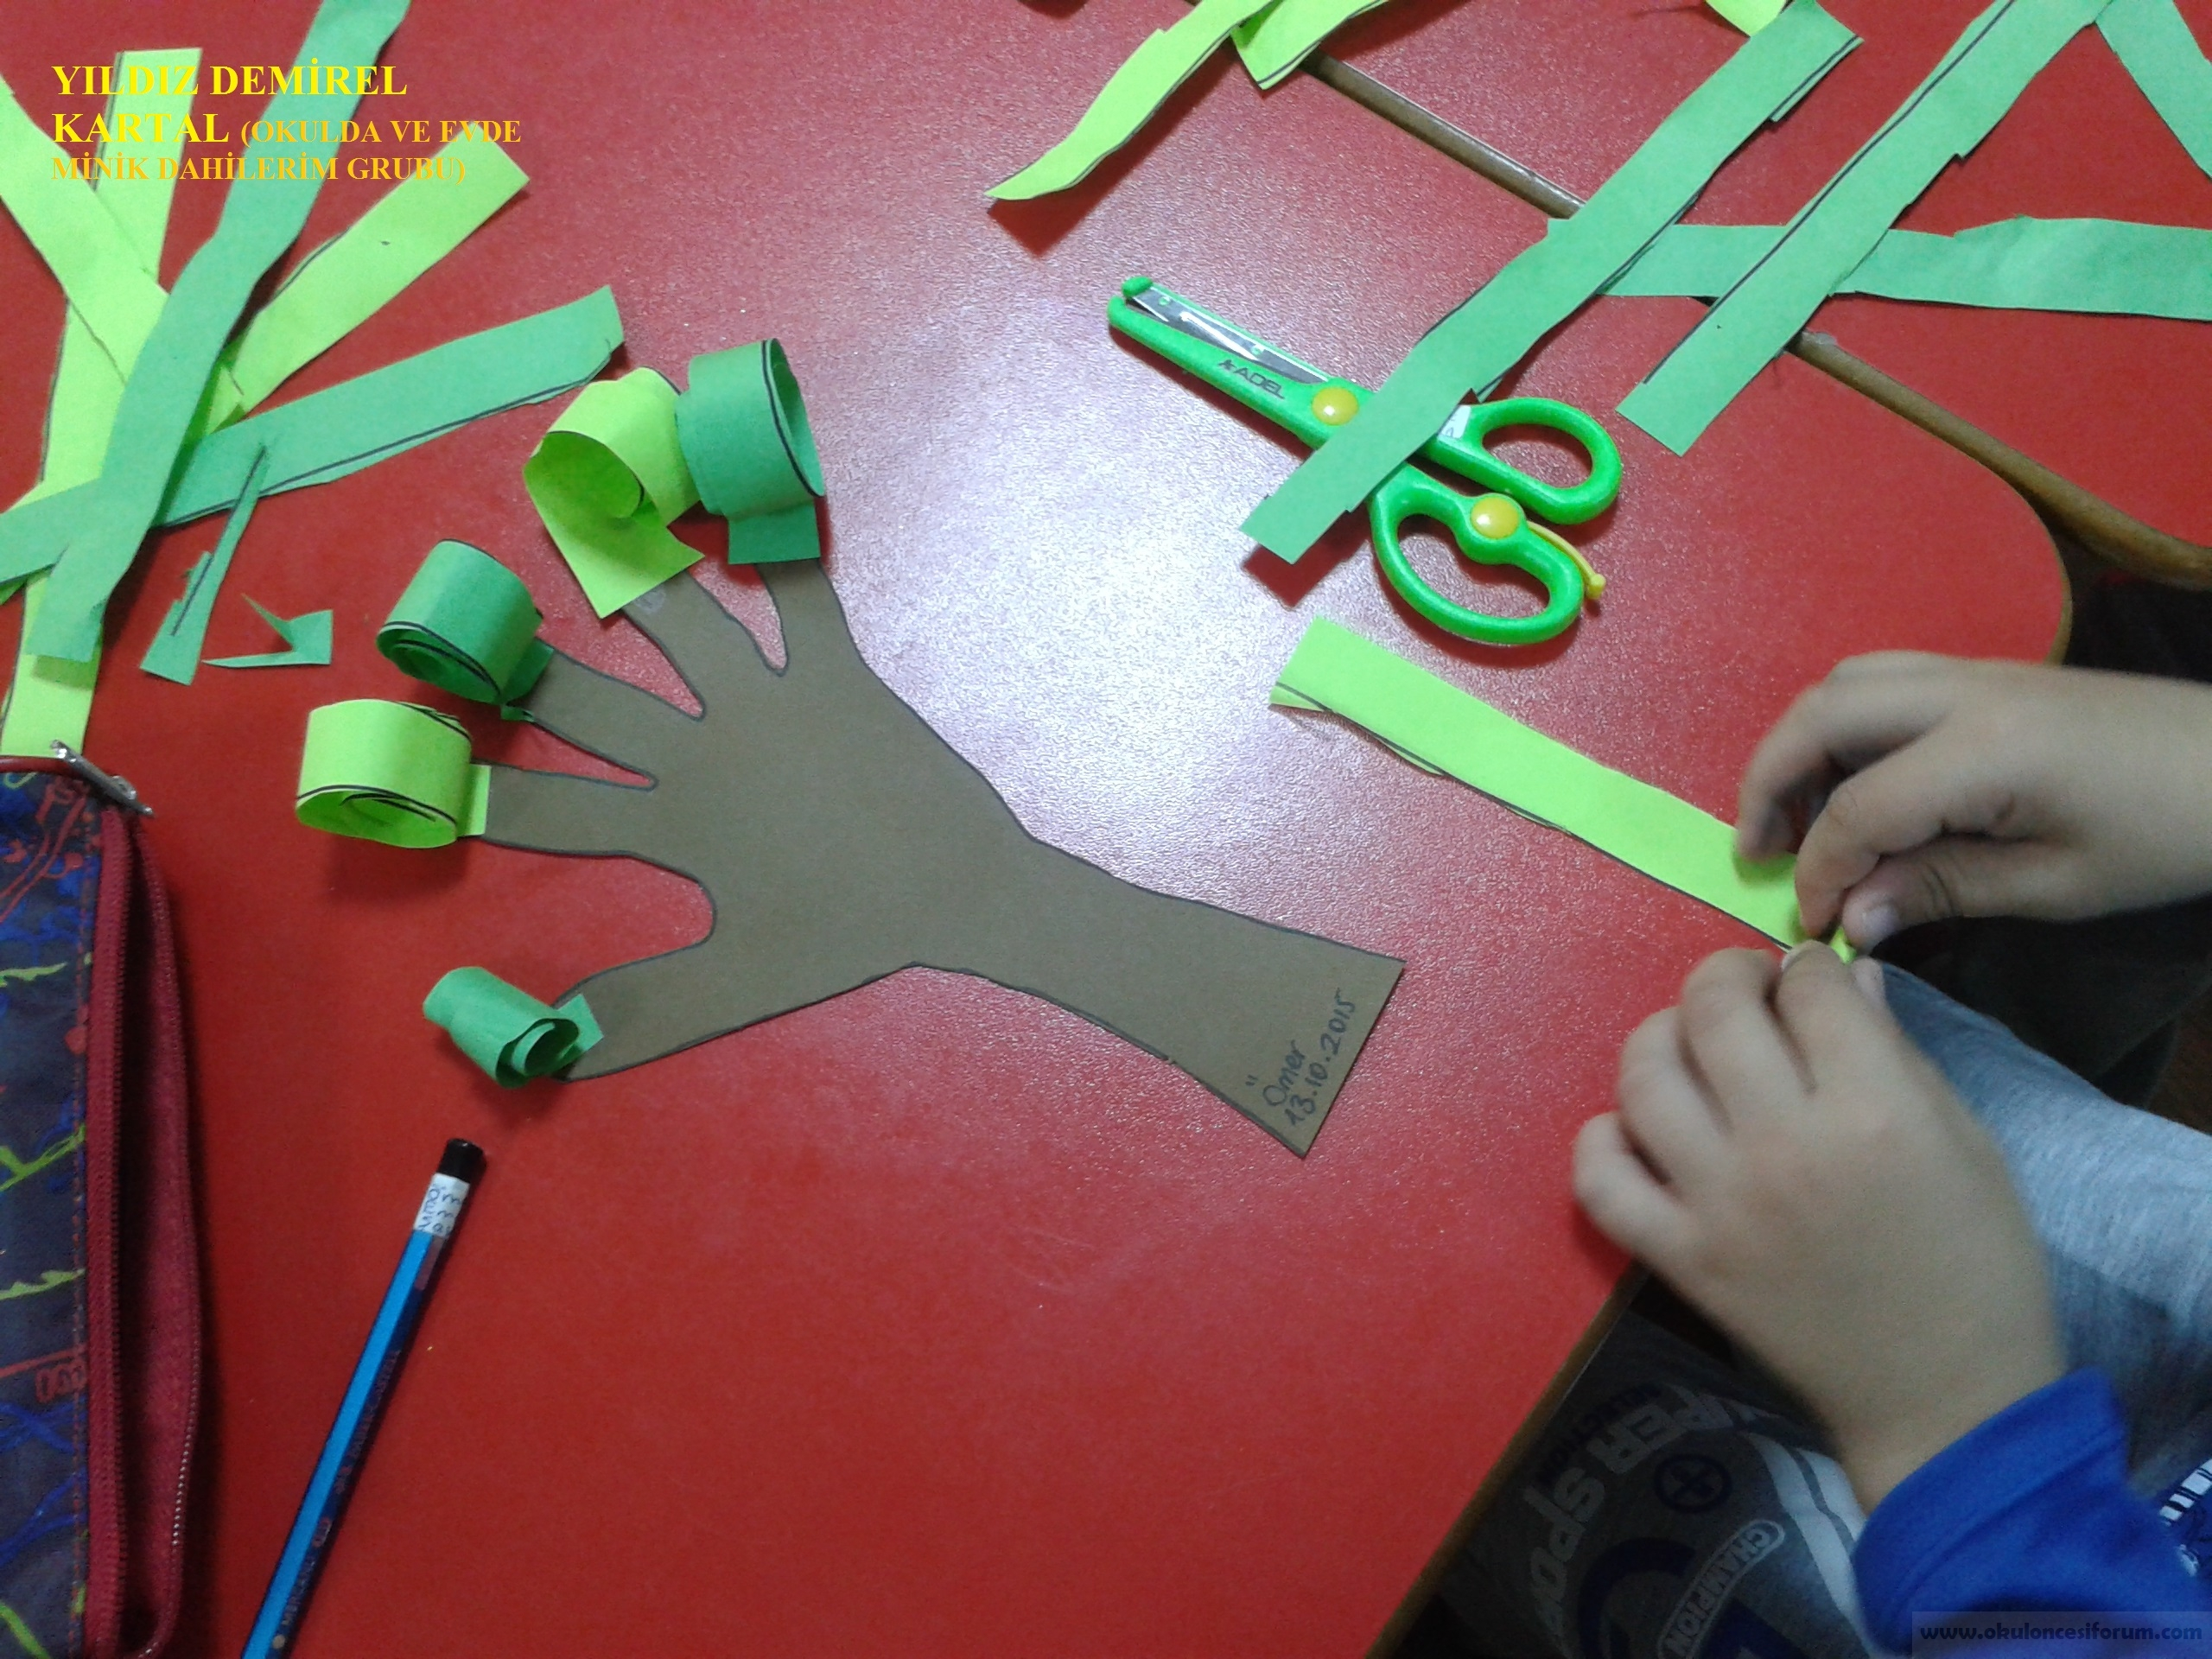 Okul öncesi Eğitimde Sınıfta Ilk Kesme çalışmaları Uygulamaları